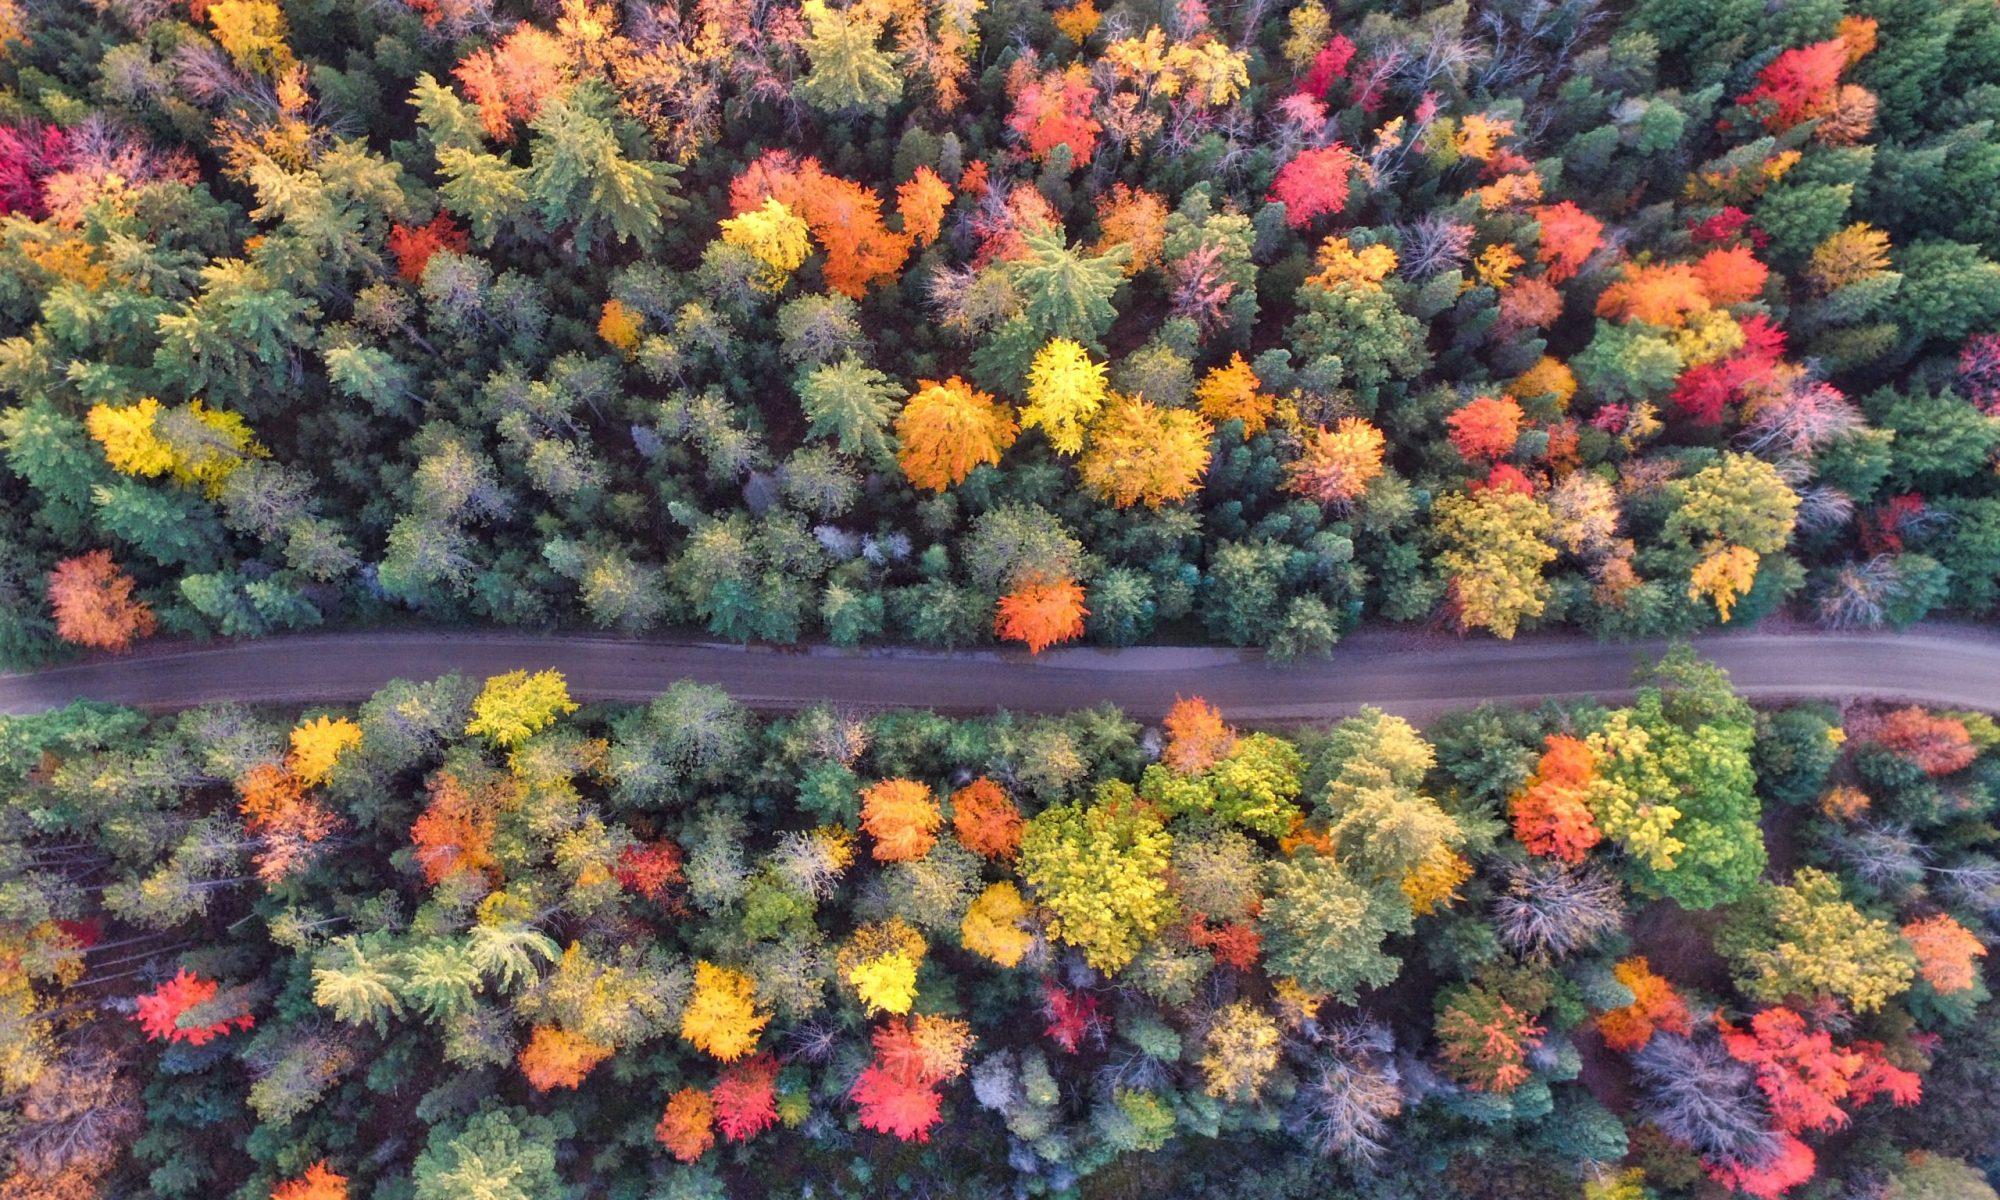 Trees Now